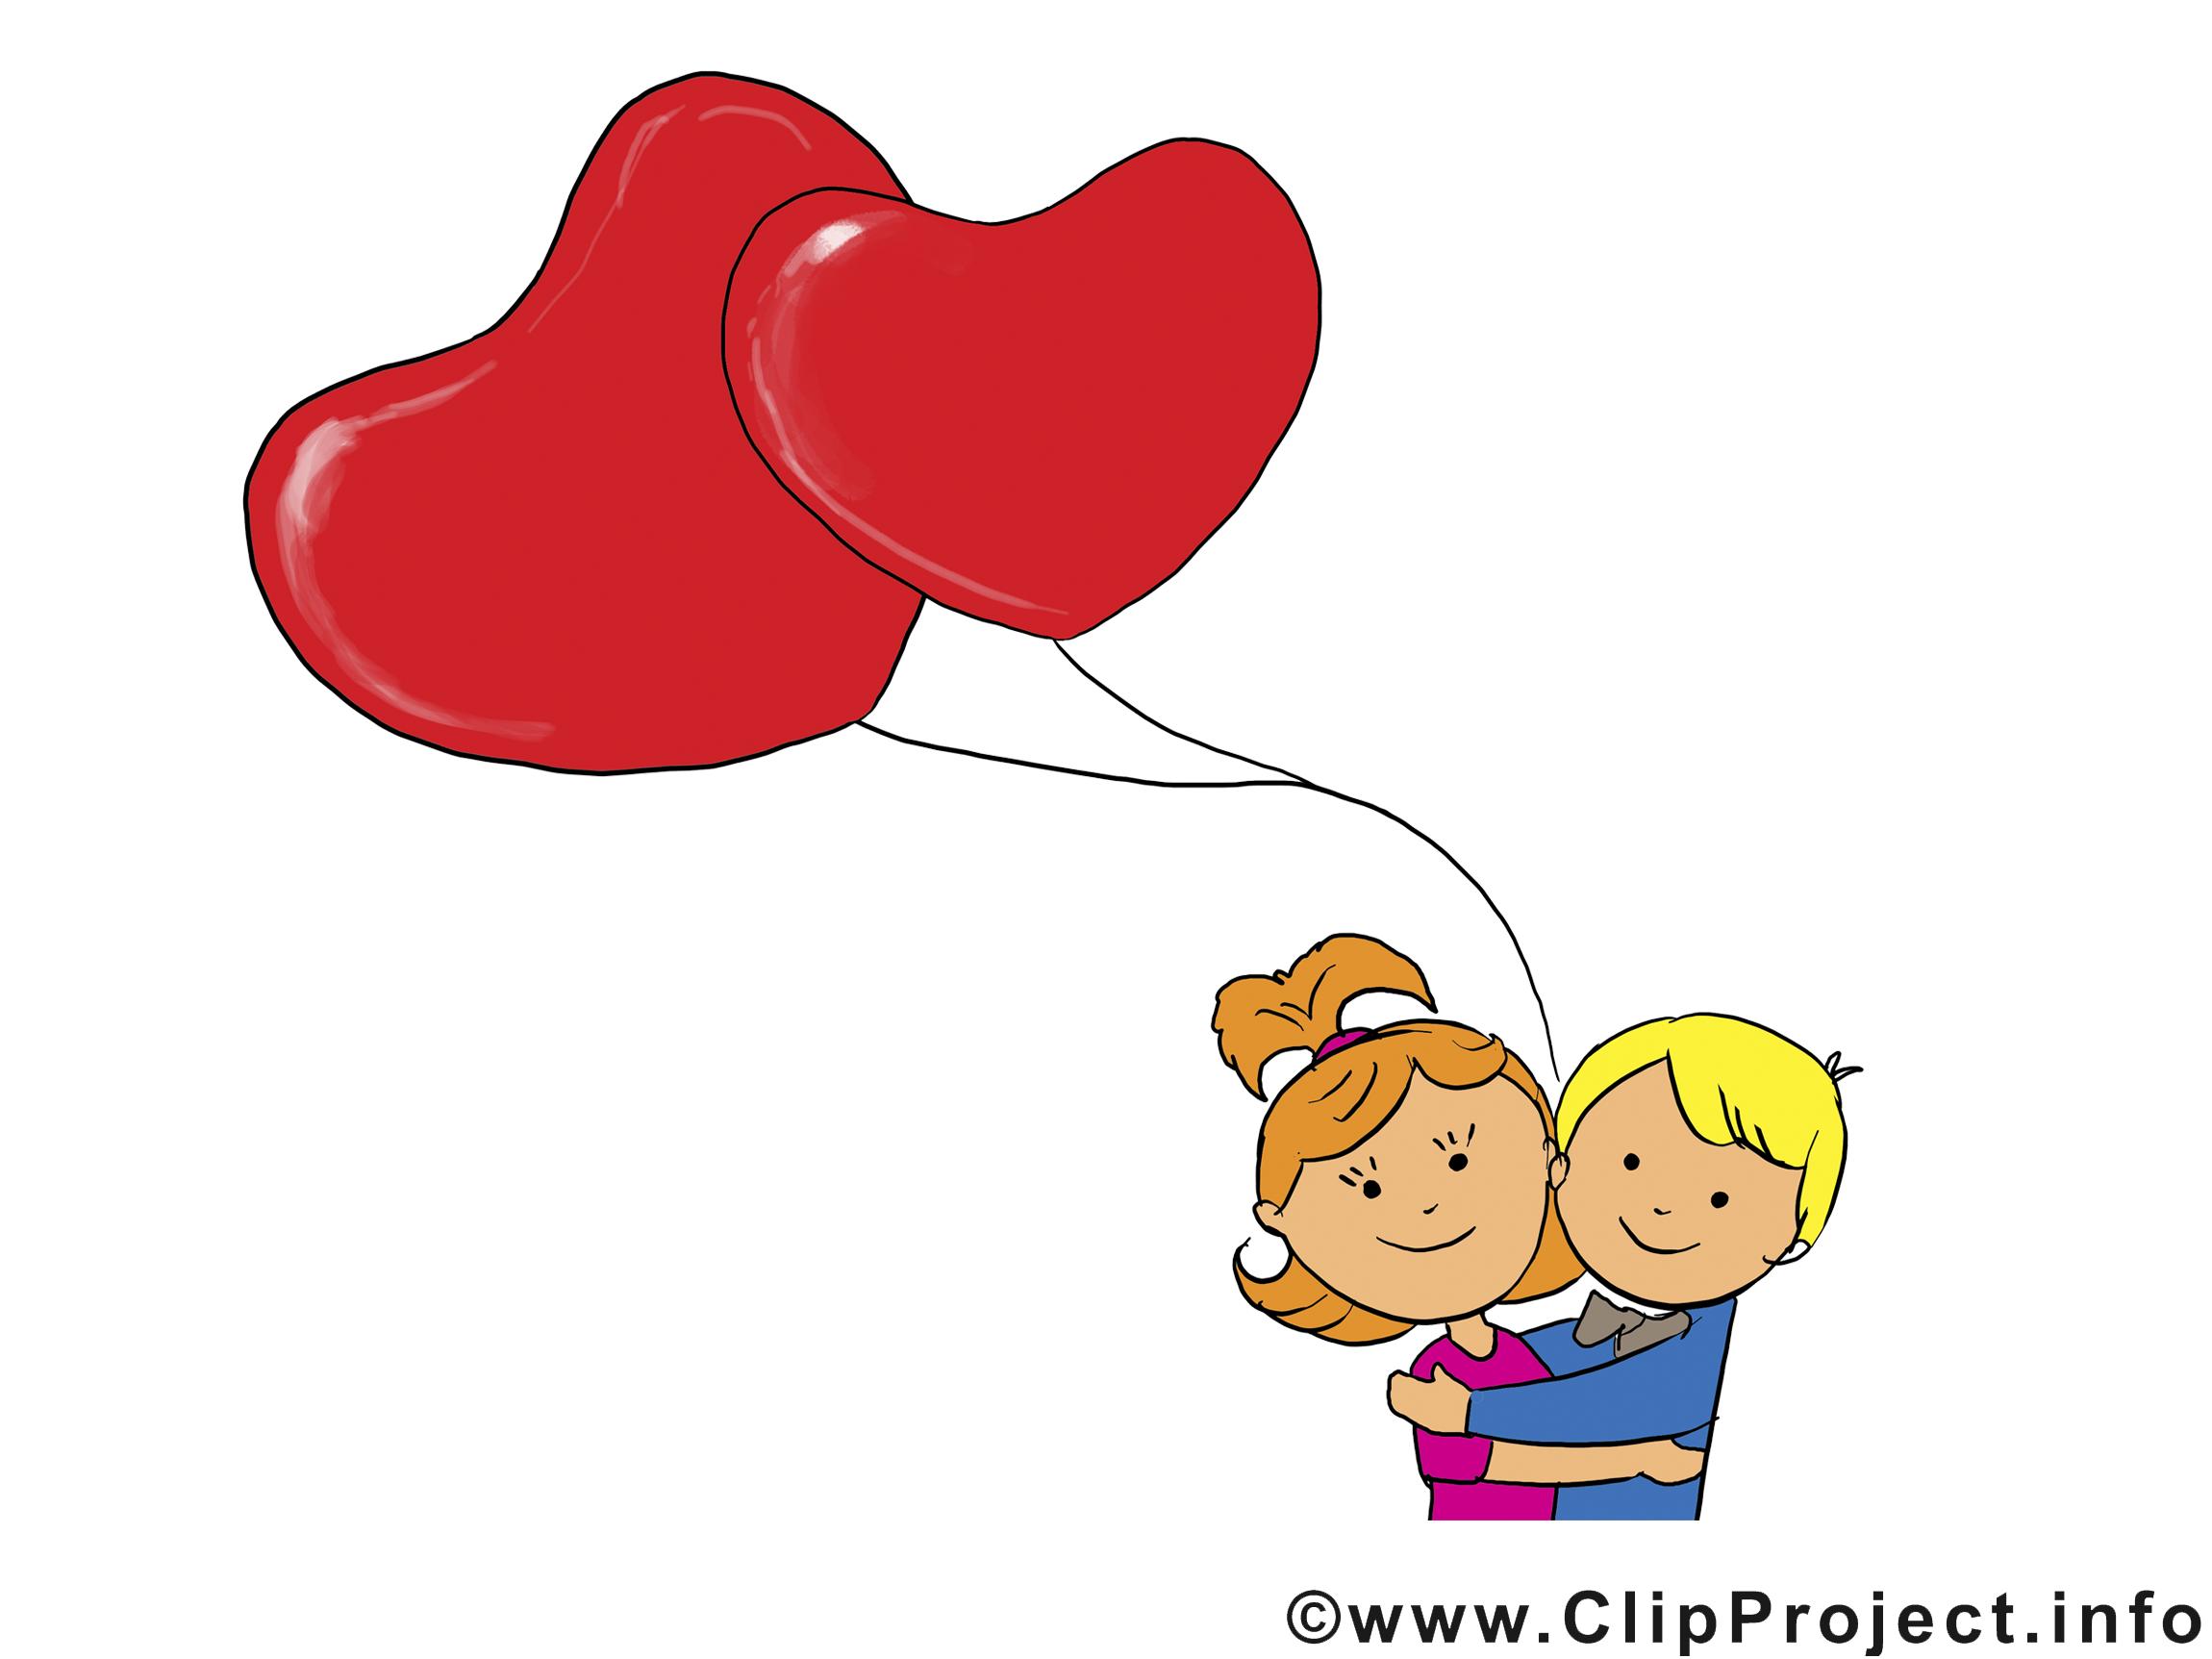 Je t'aime images - Saint-Valentin dessins gratuits